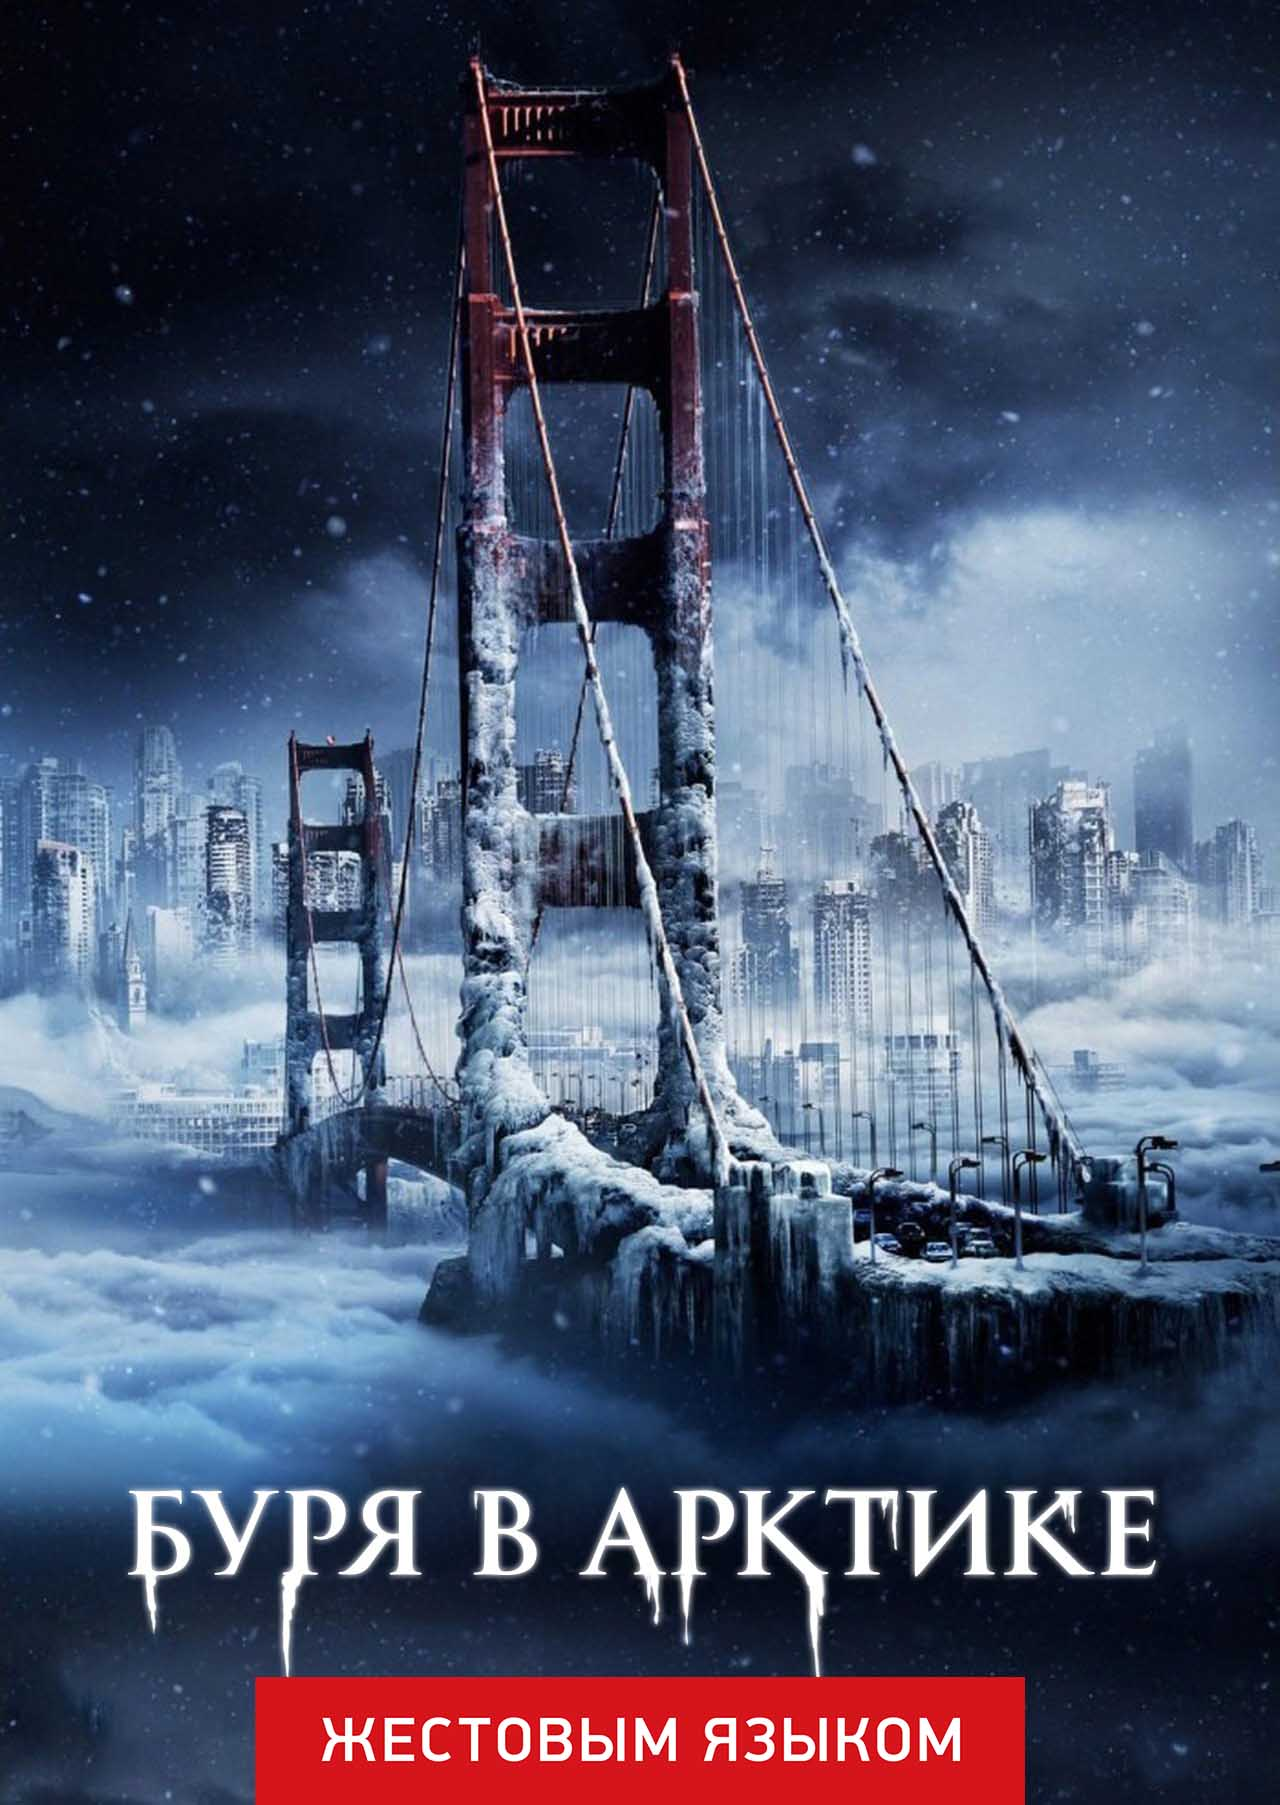 Буря в Арктике (жестовым языком)